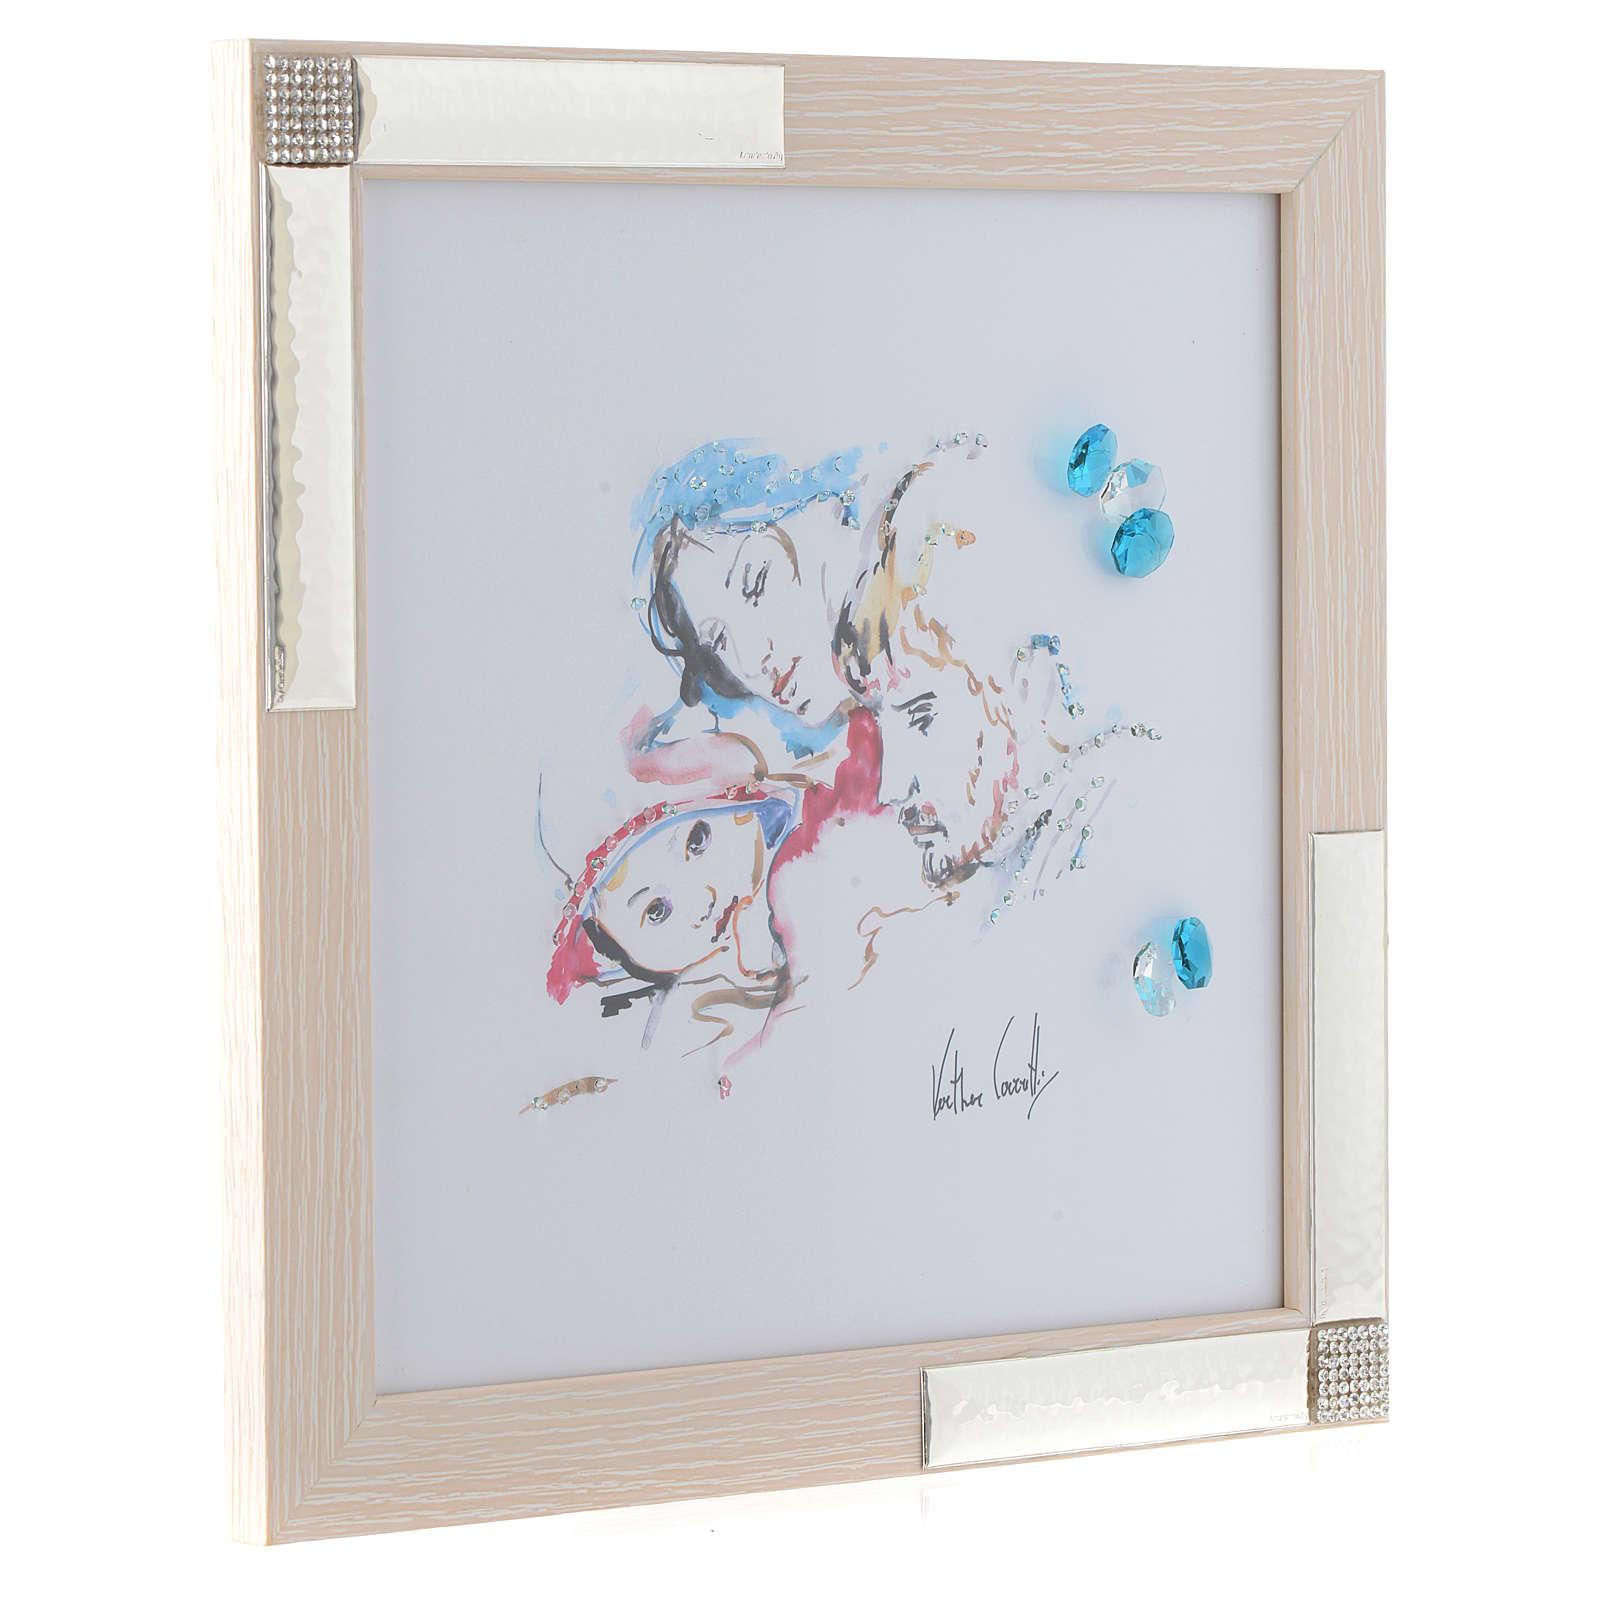 Idea Regalo acquarello Gioia Famigliare 27x27 cm Argento 3